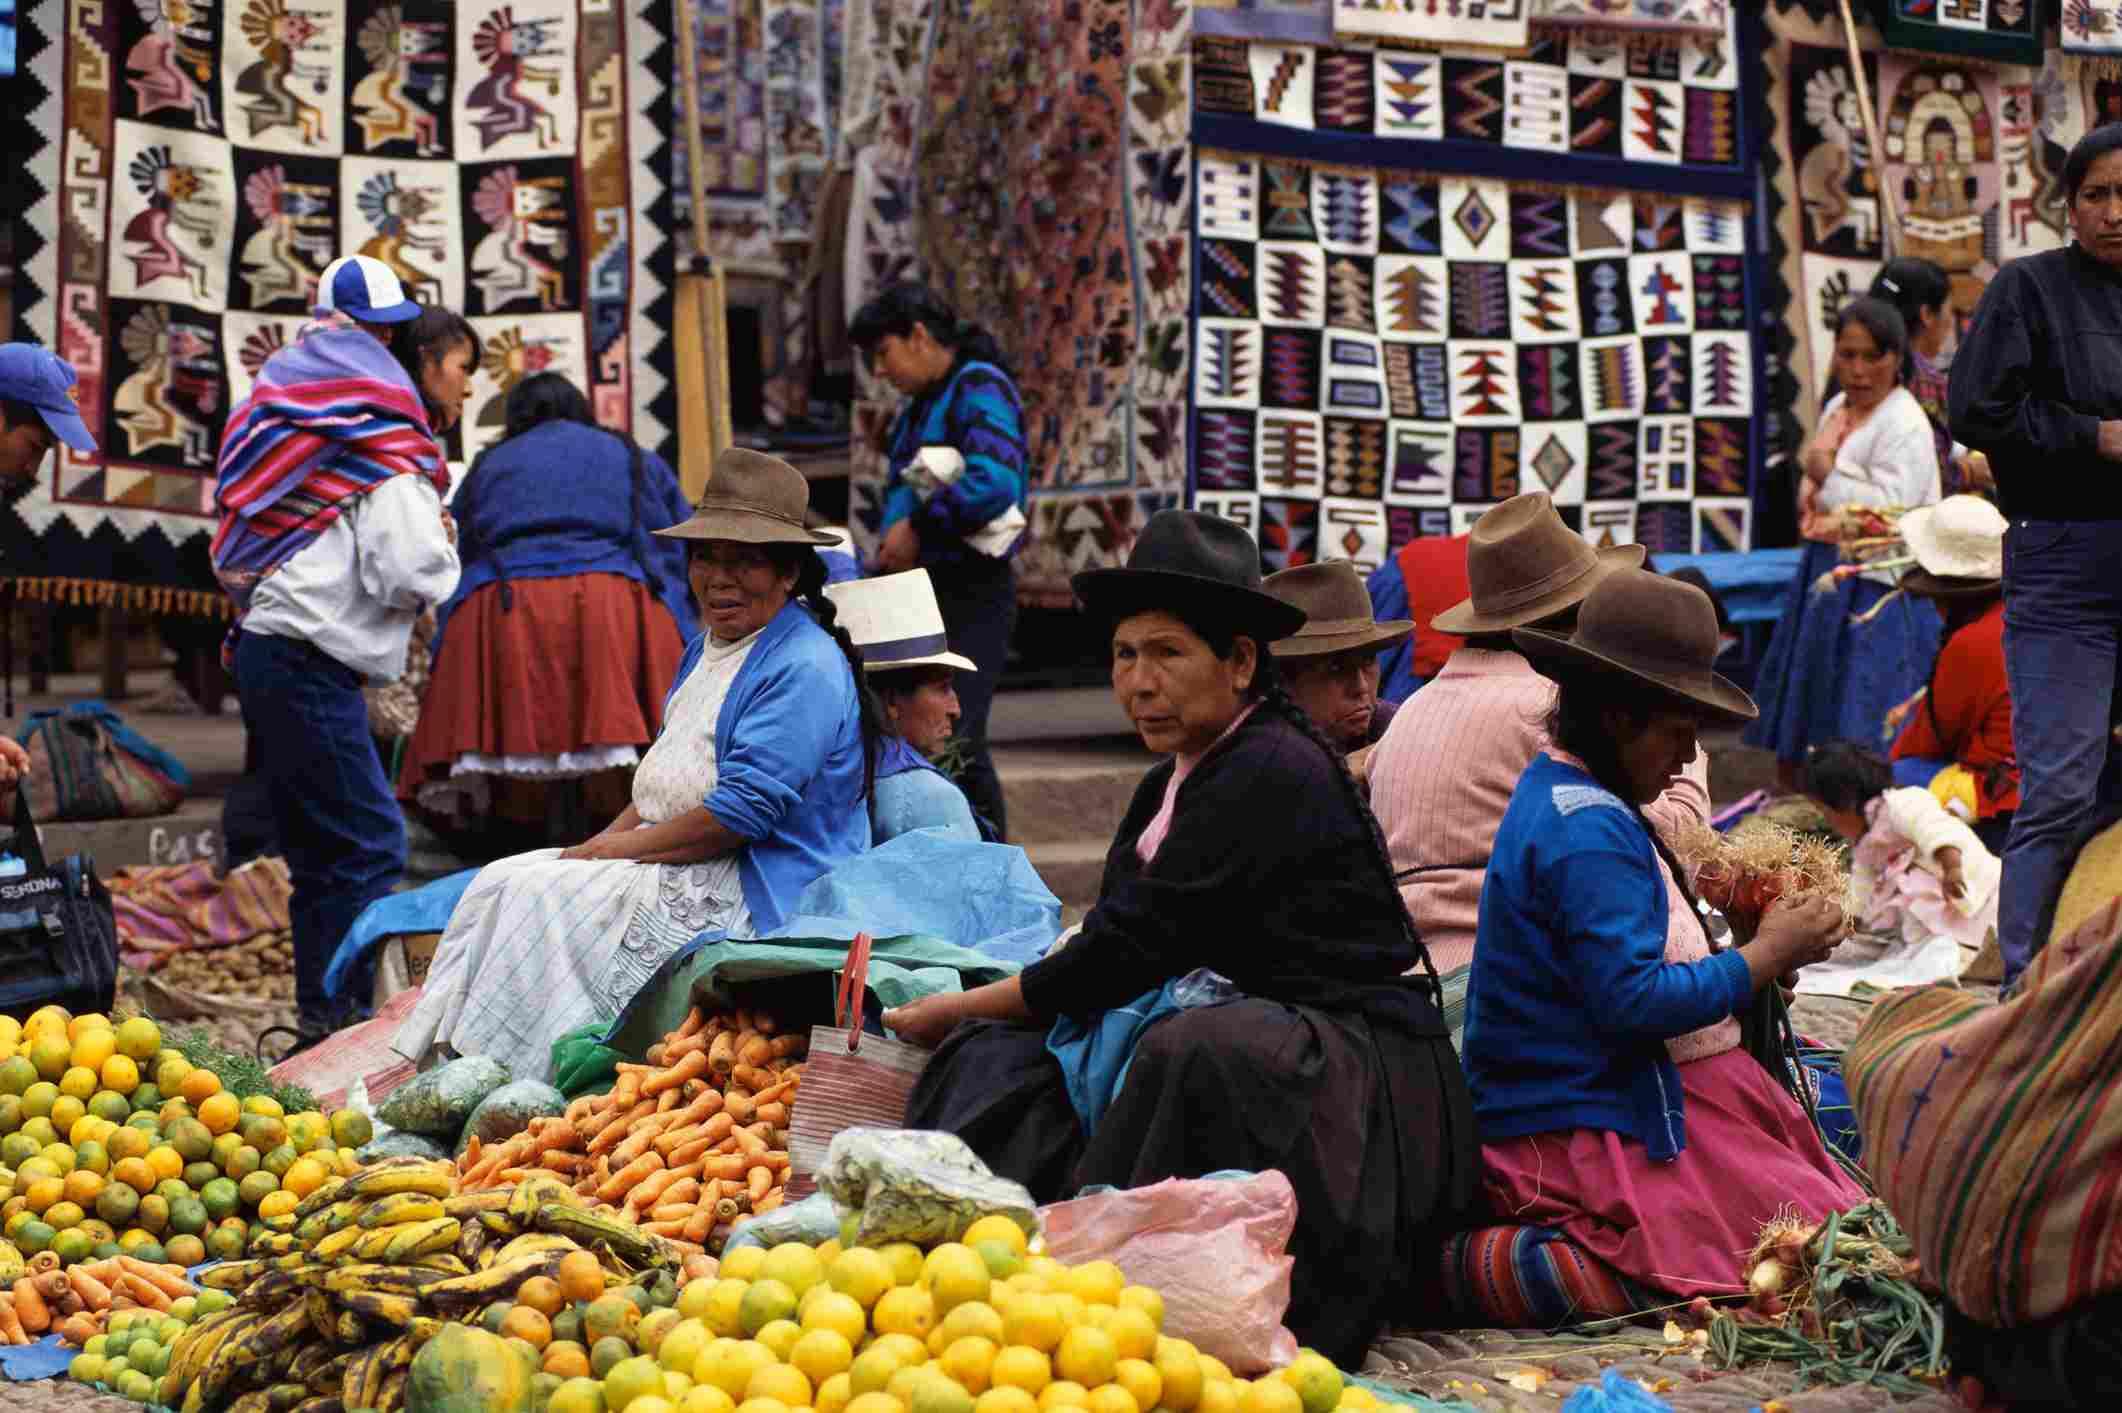 Peru food market